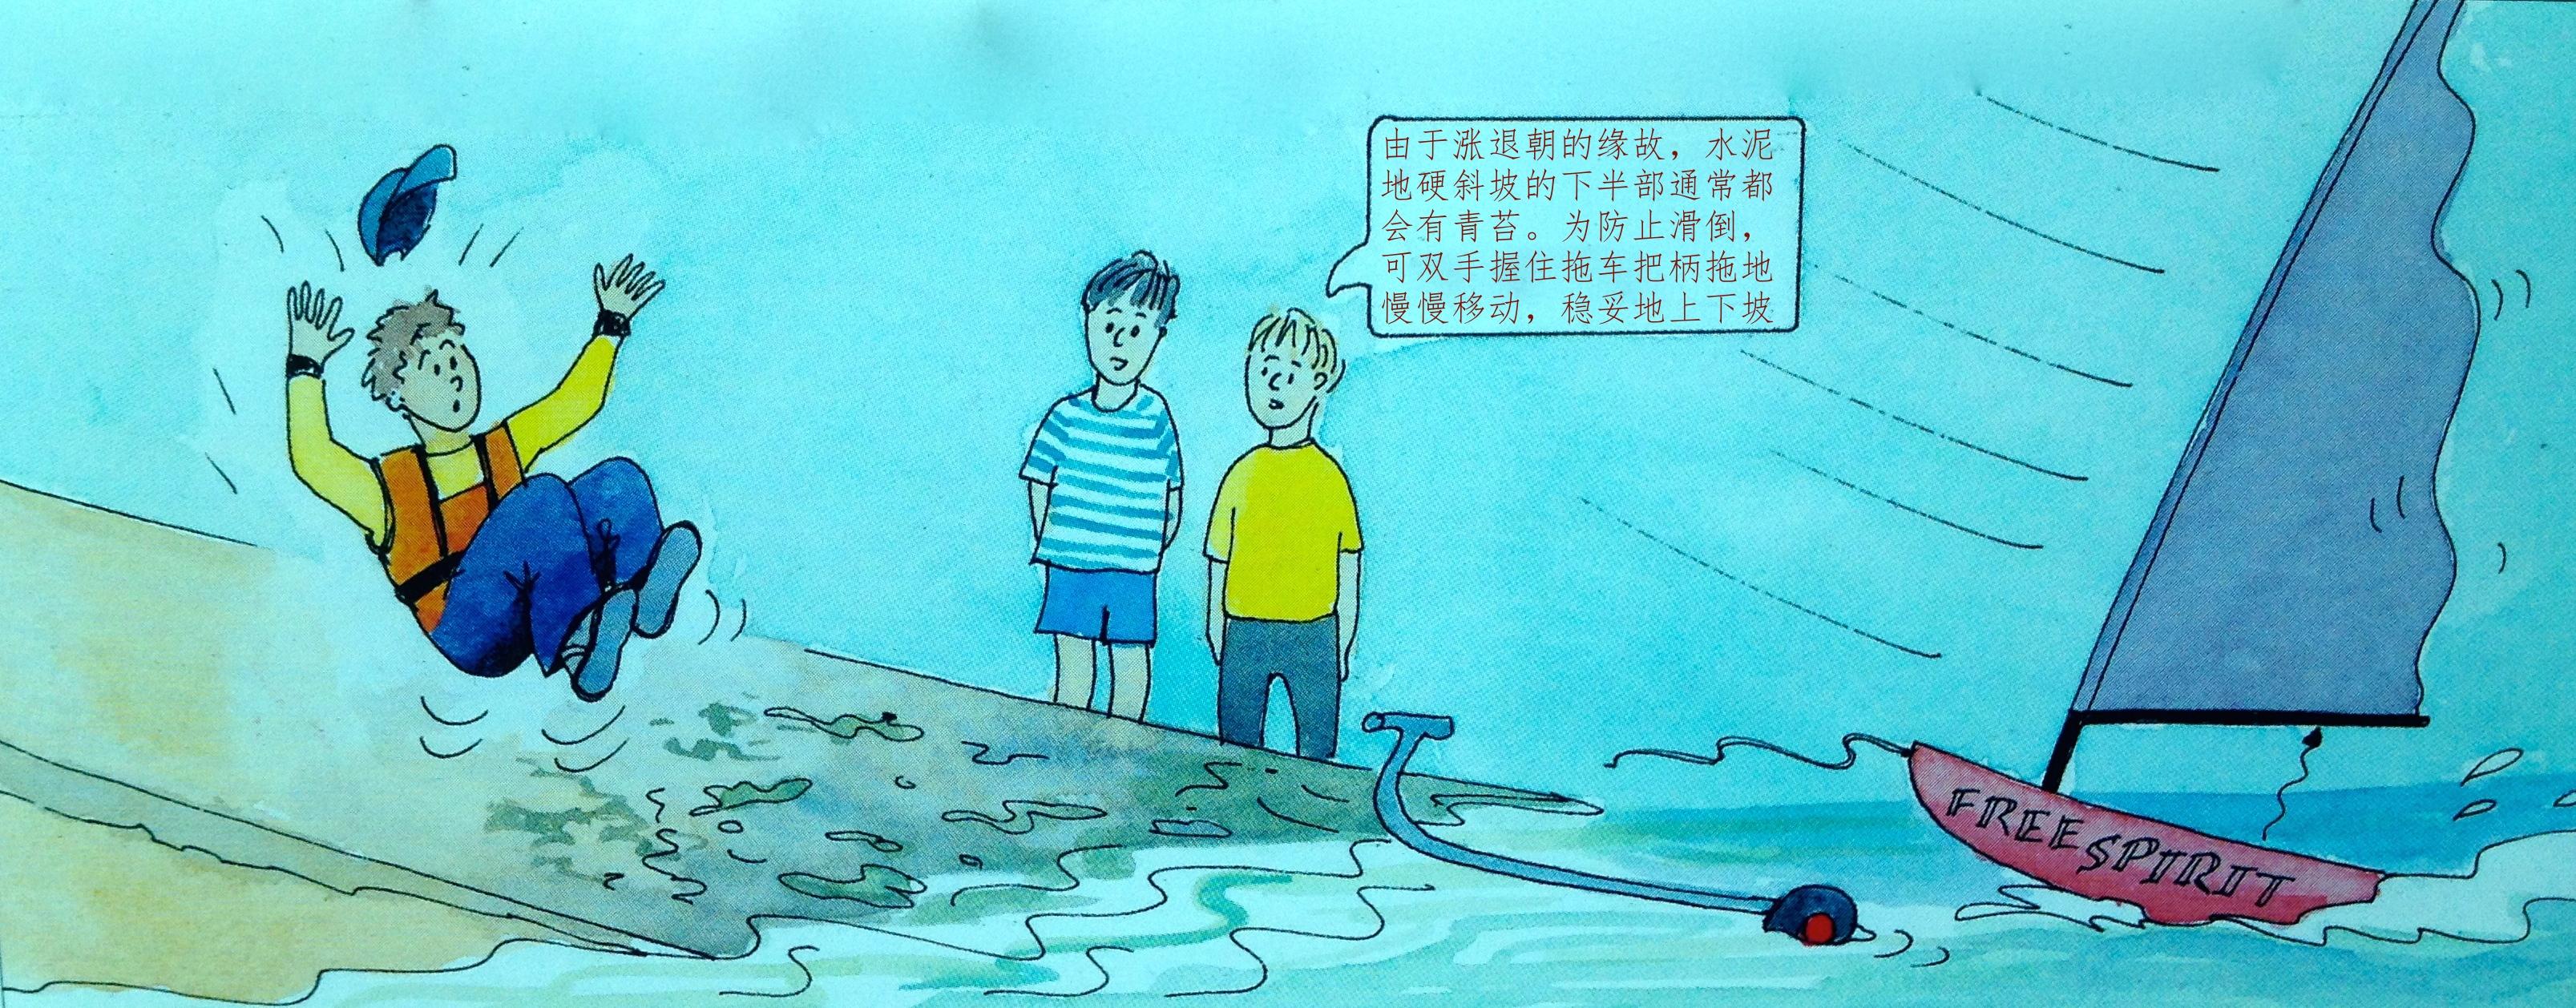 帆船,沙滩 水泥斜坡道是小帆船最为常见的一种上下水设施。 21a双人艇斜坡进出码头.JPG